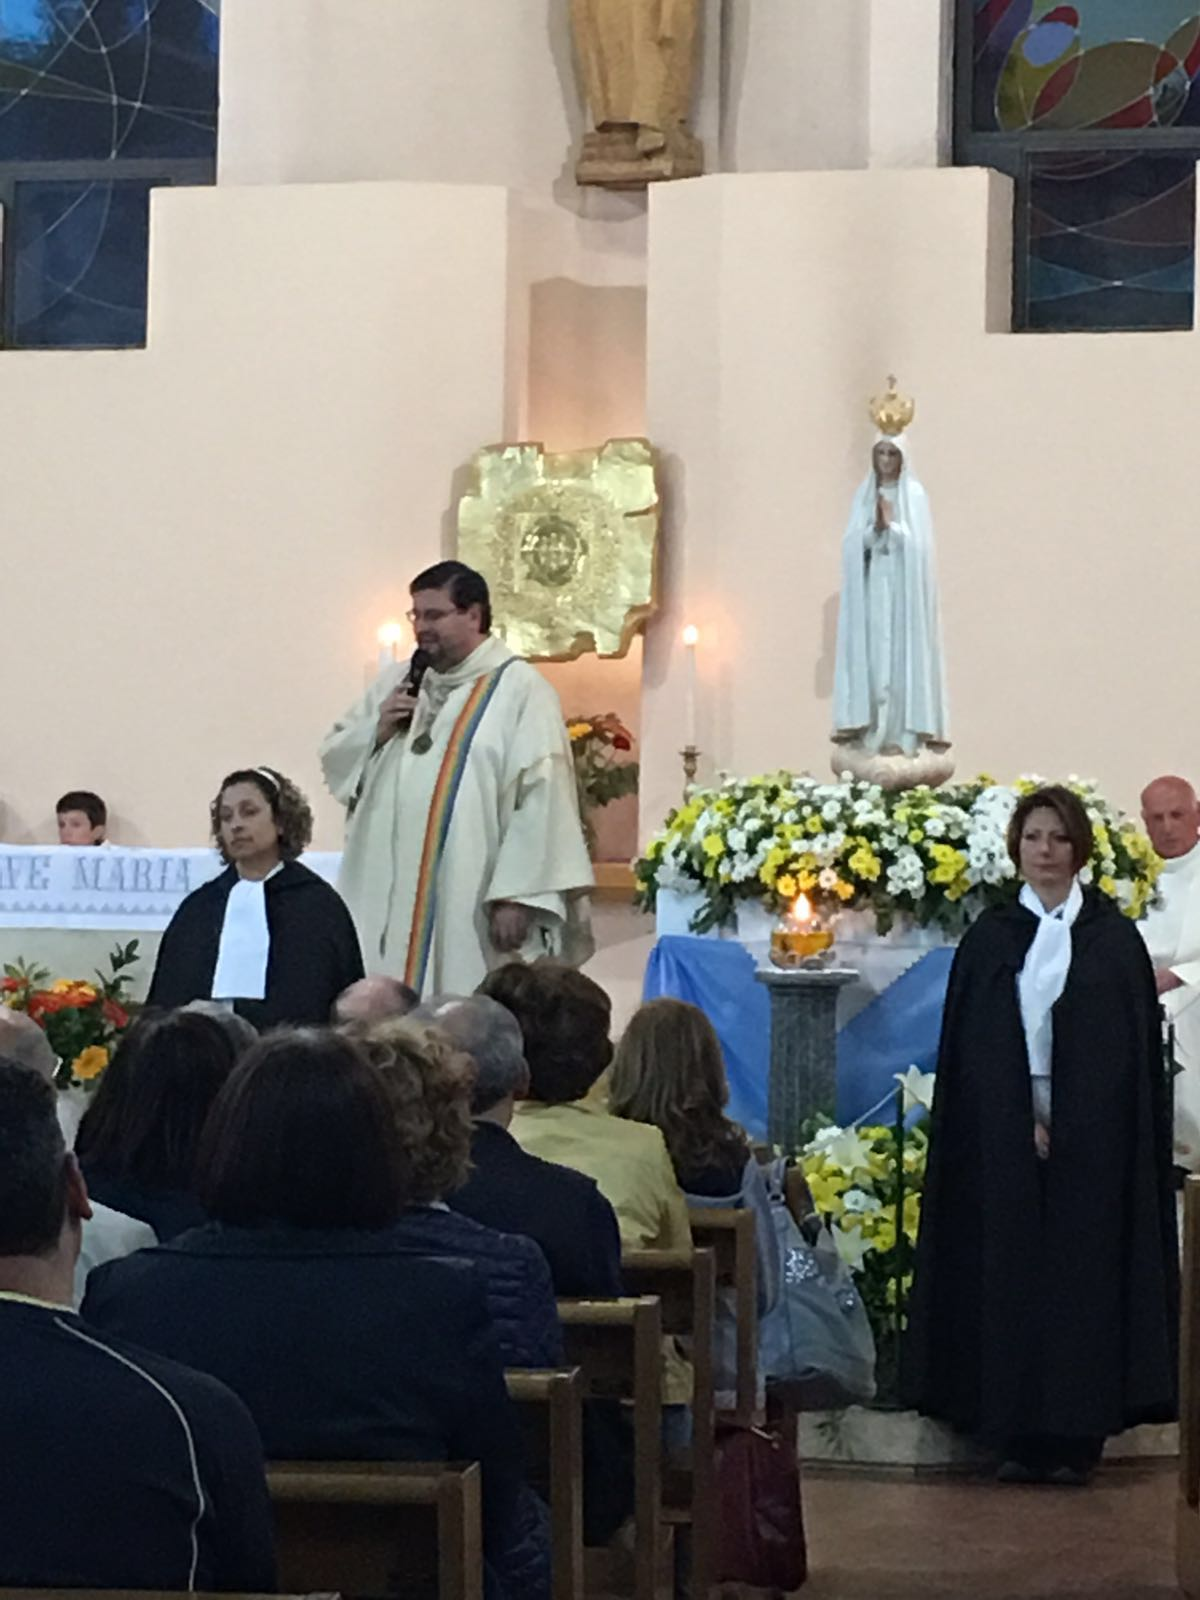 Madonna Pellegrina di Fatima a Milano